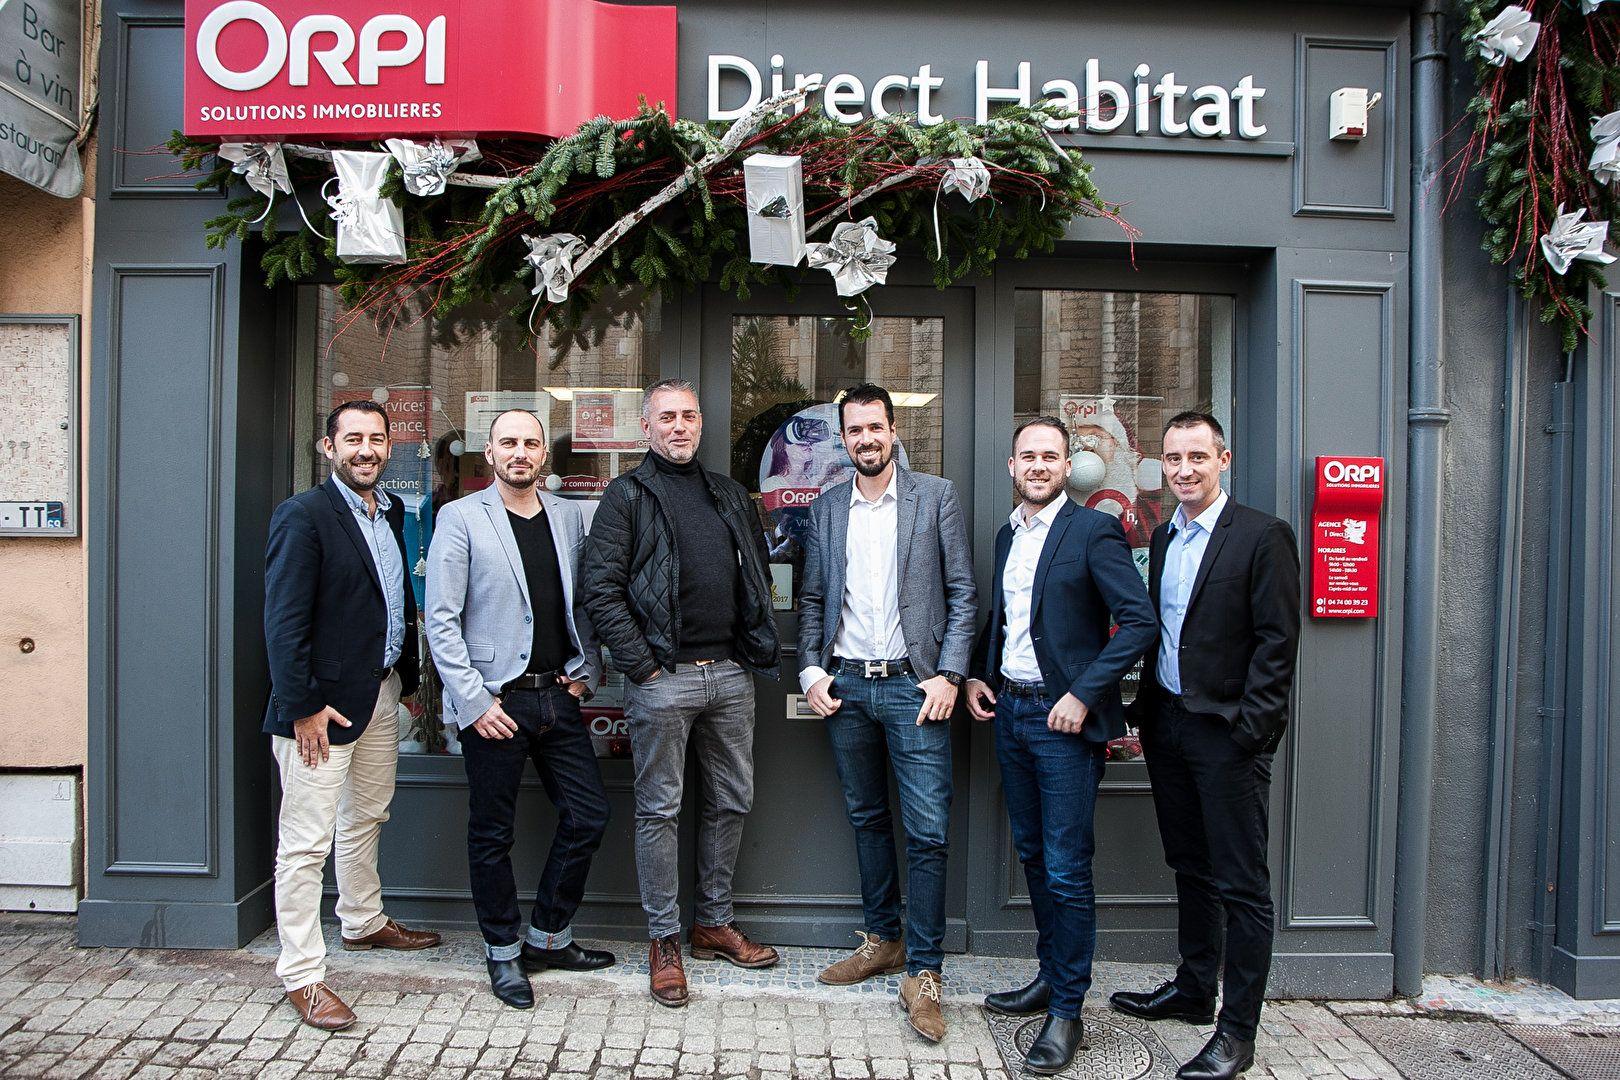 Direct Habitat